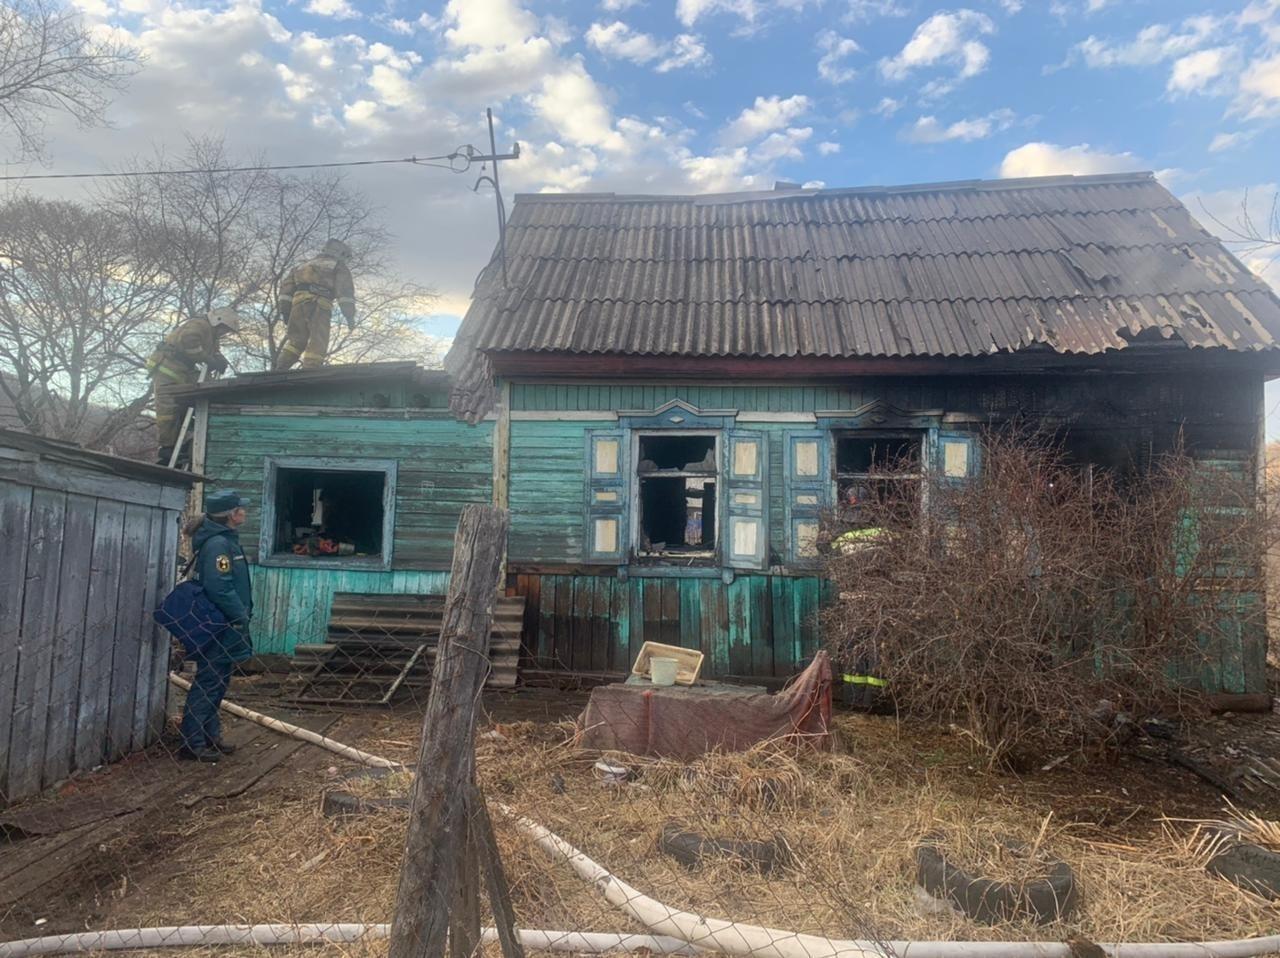 Возможный поджог дома с хозяйкой расследуют в Облученском районе